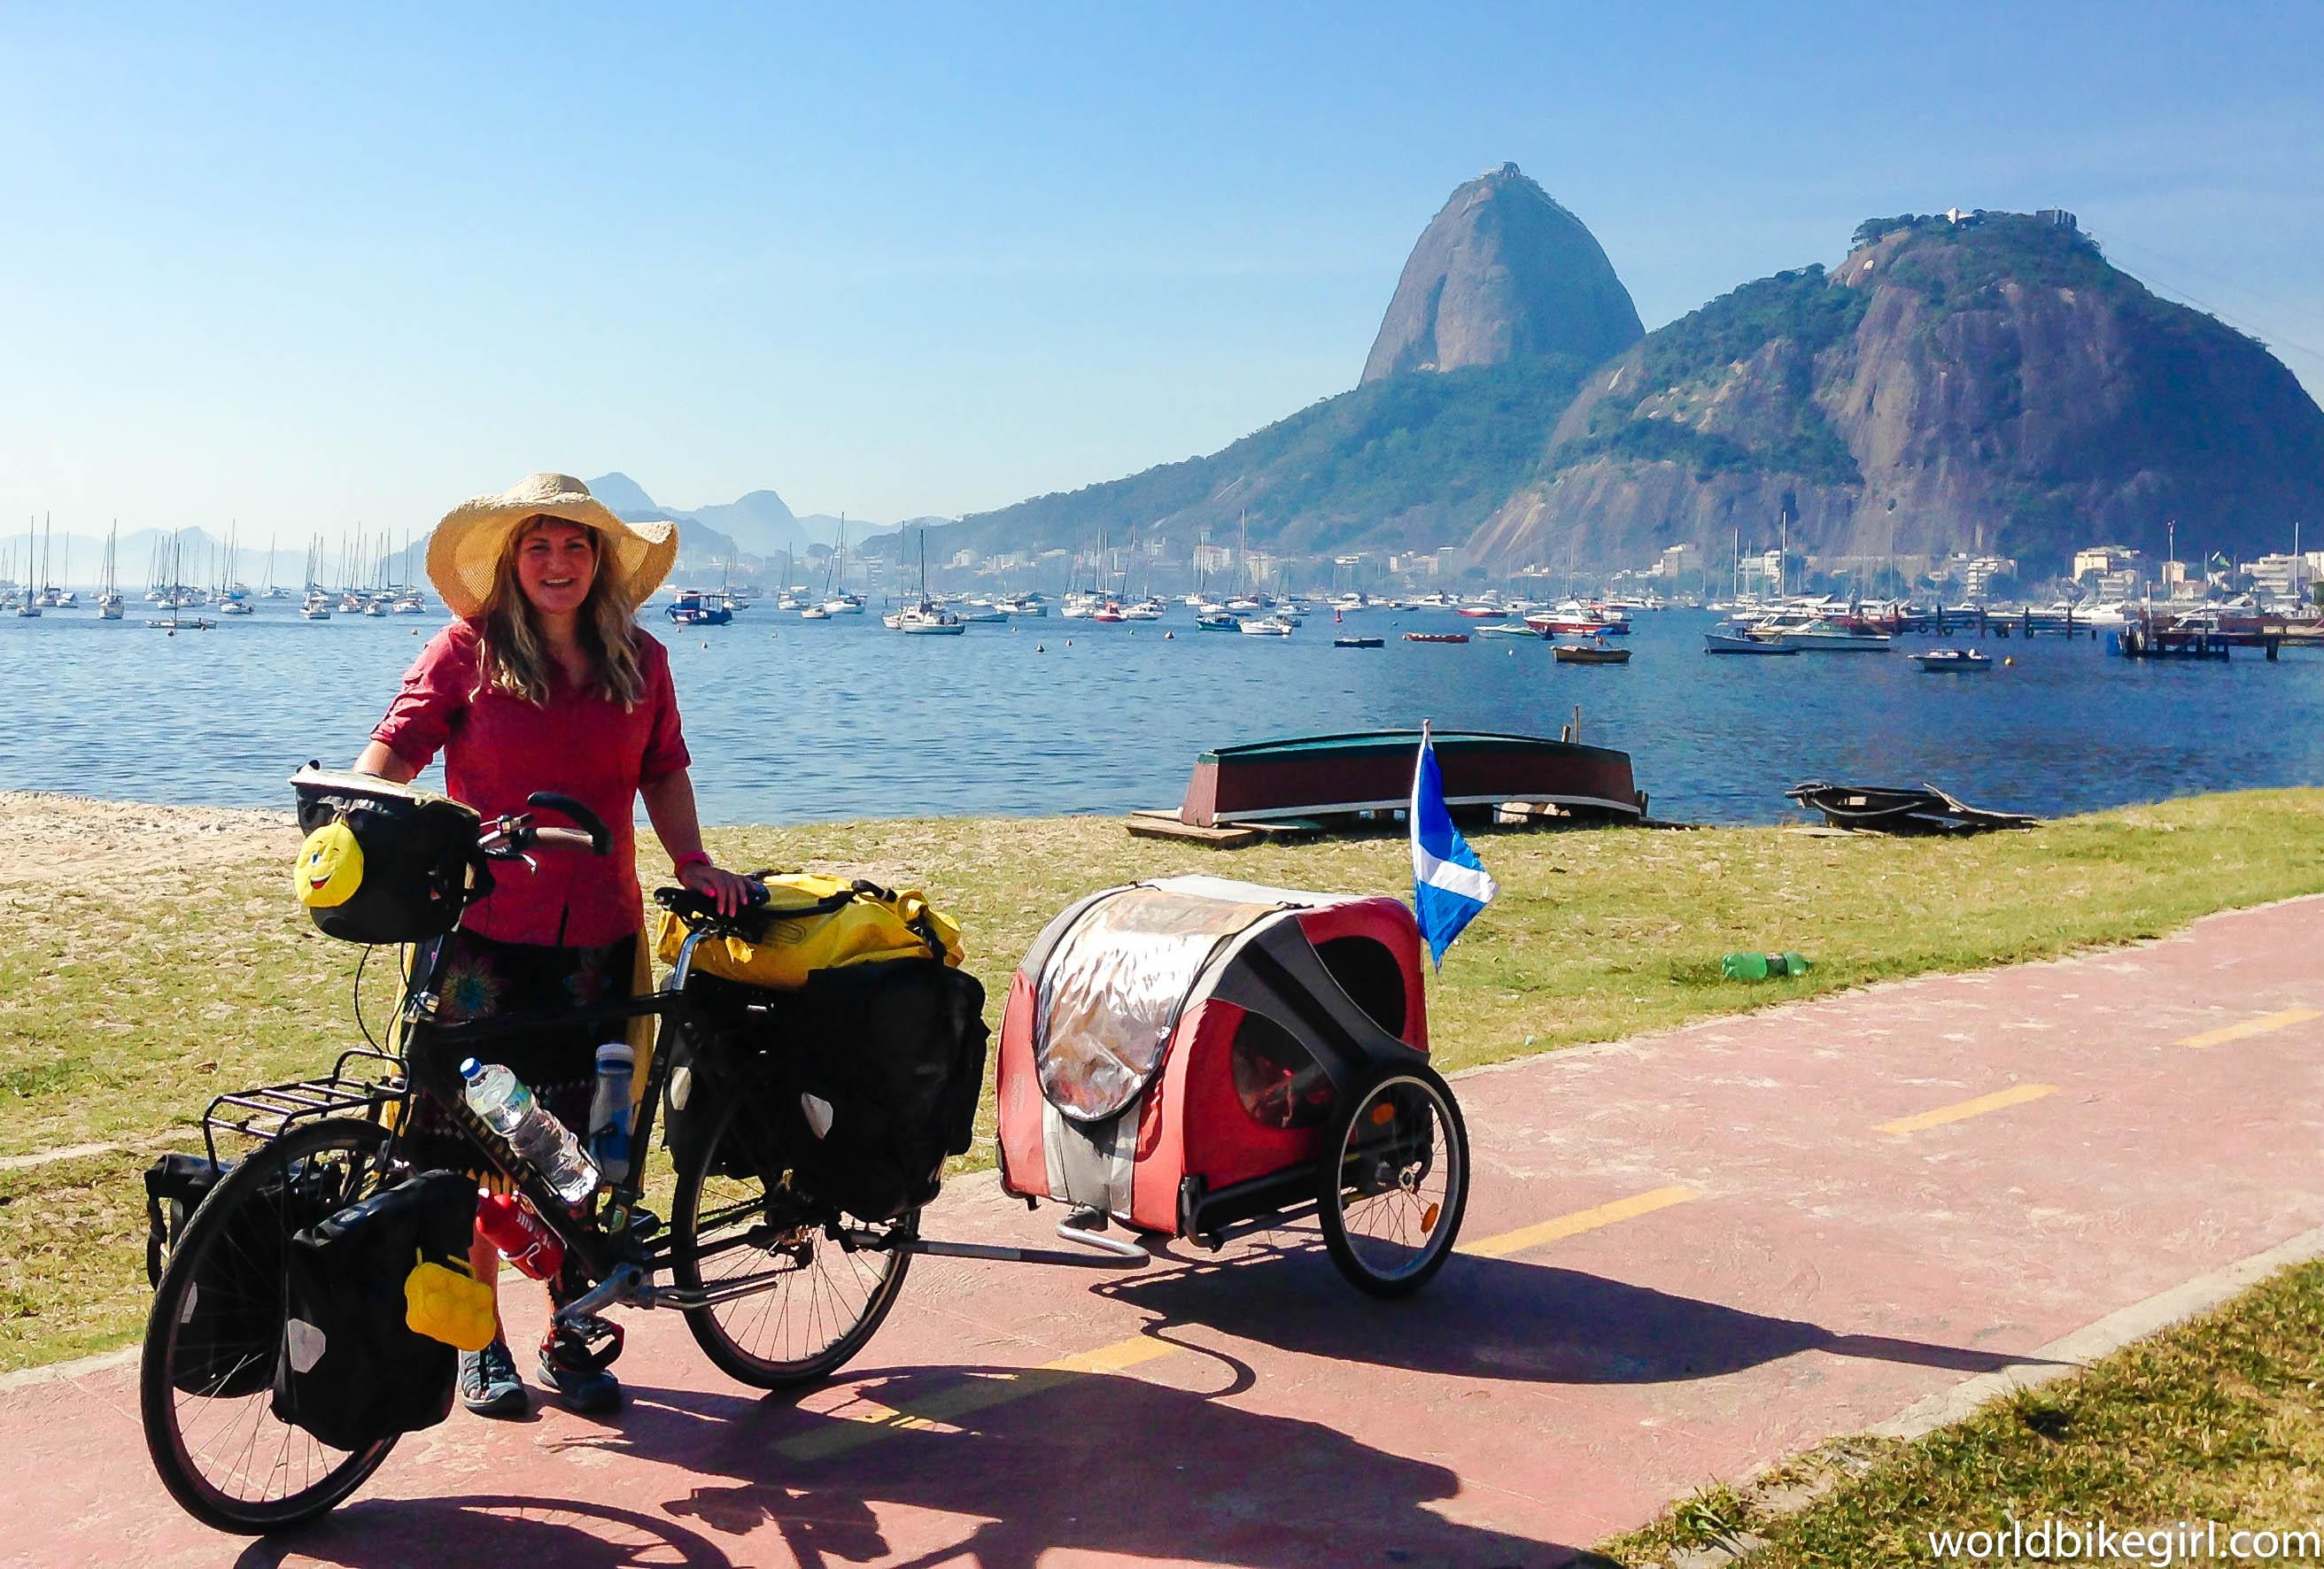 Me & Bike in Rio, Brazil